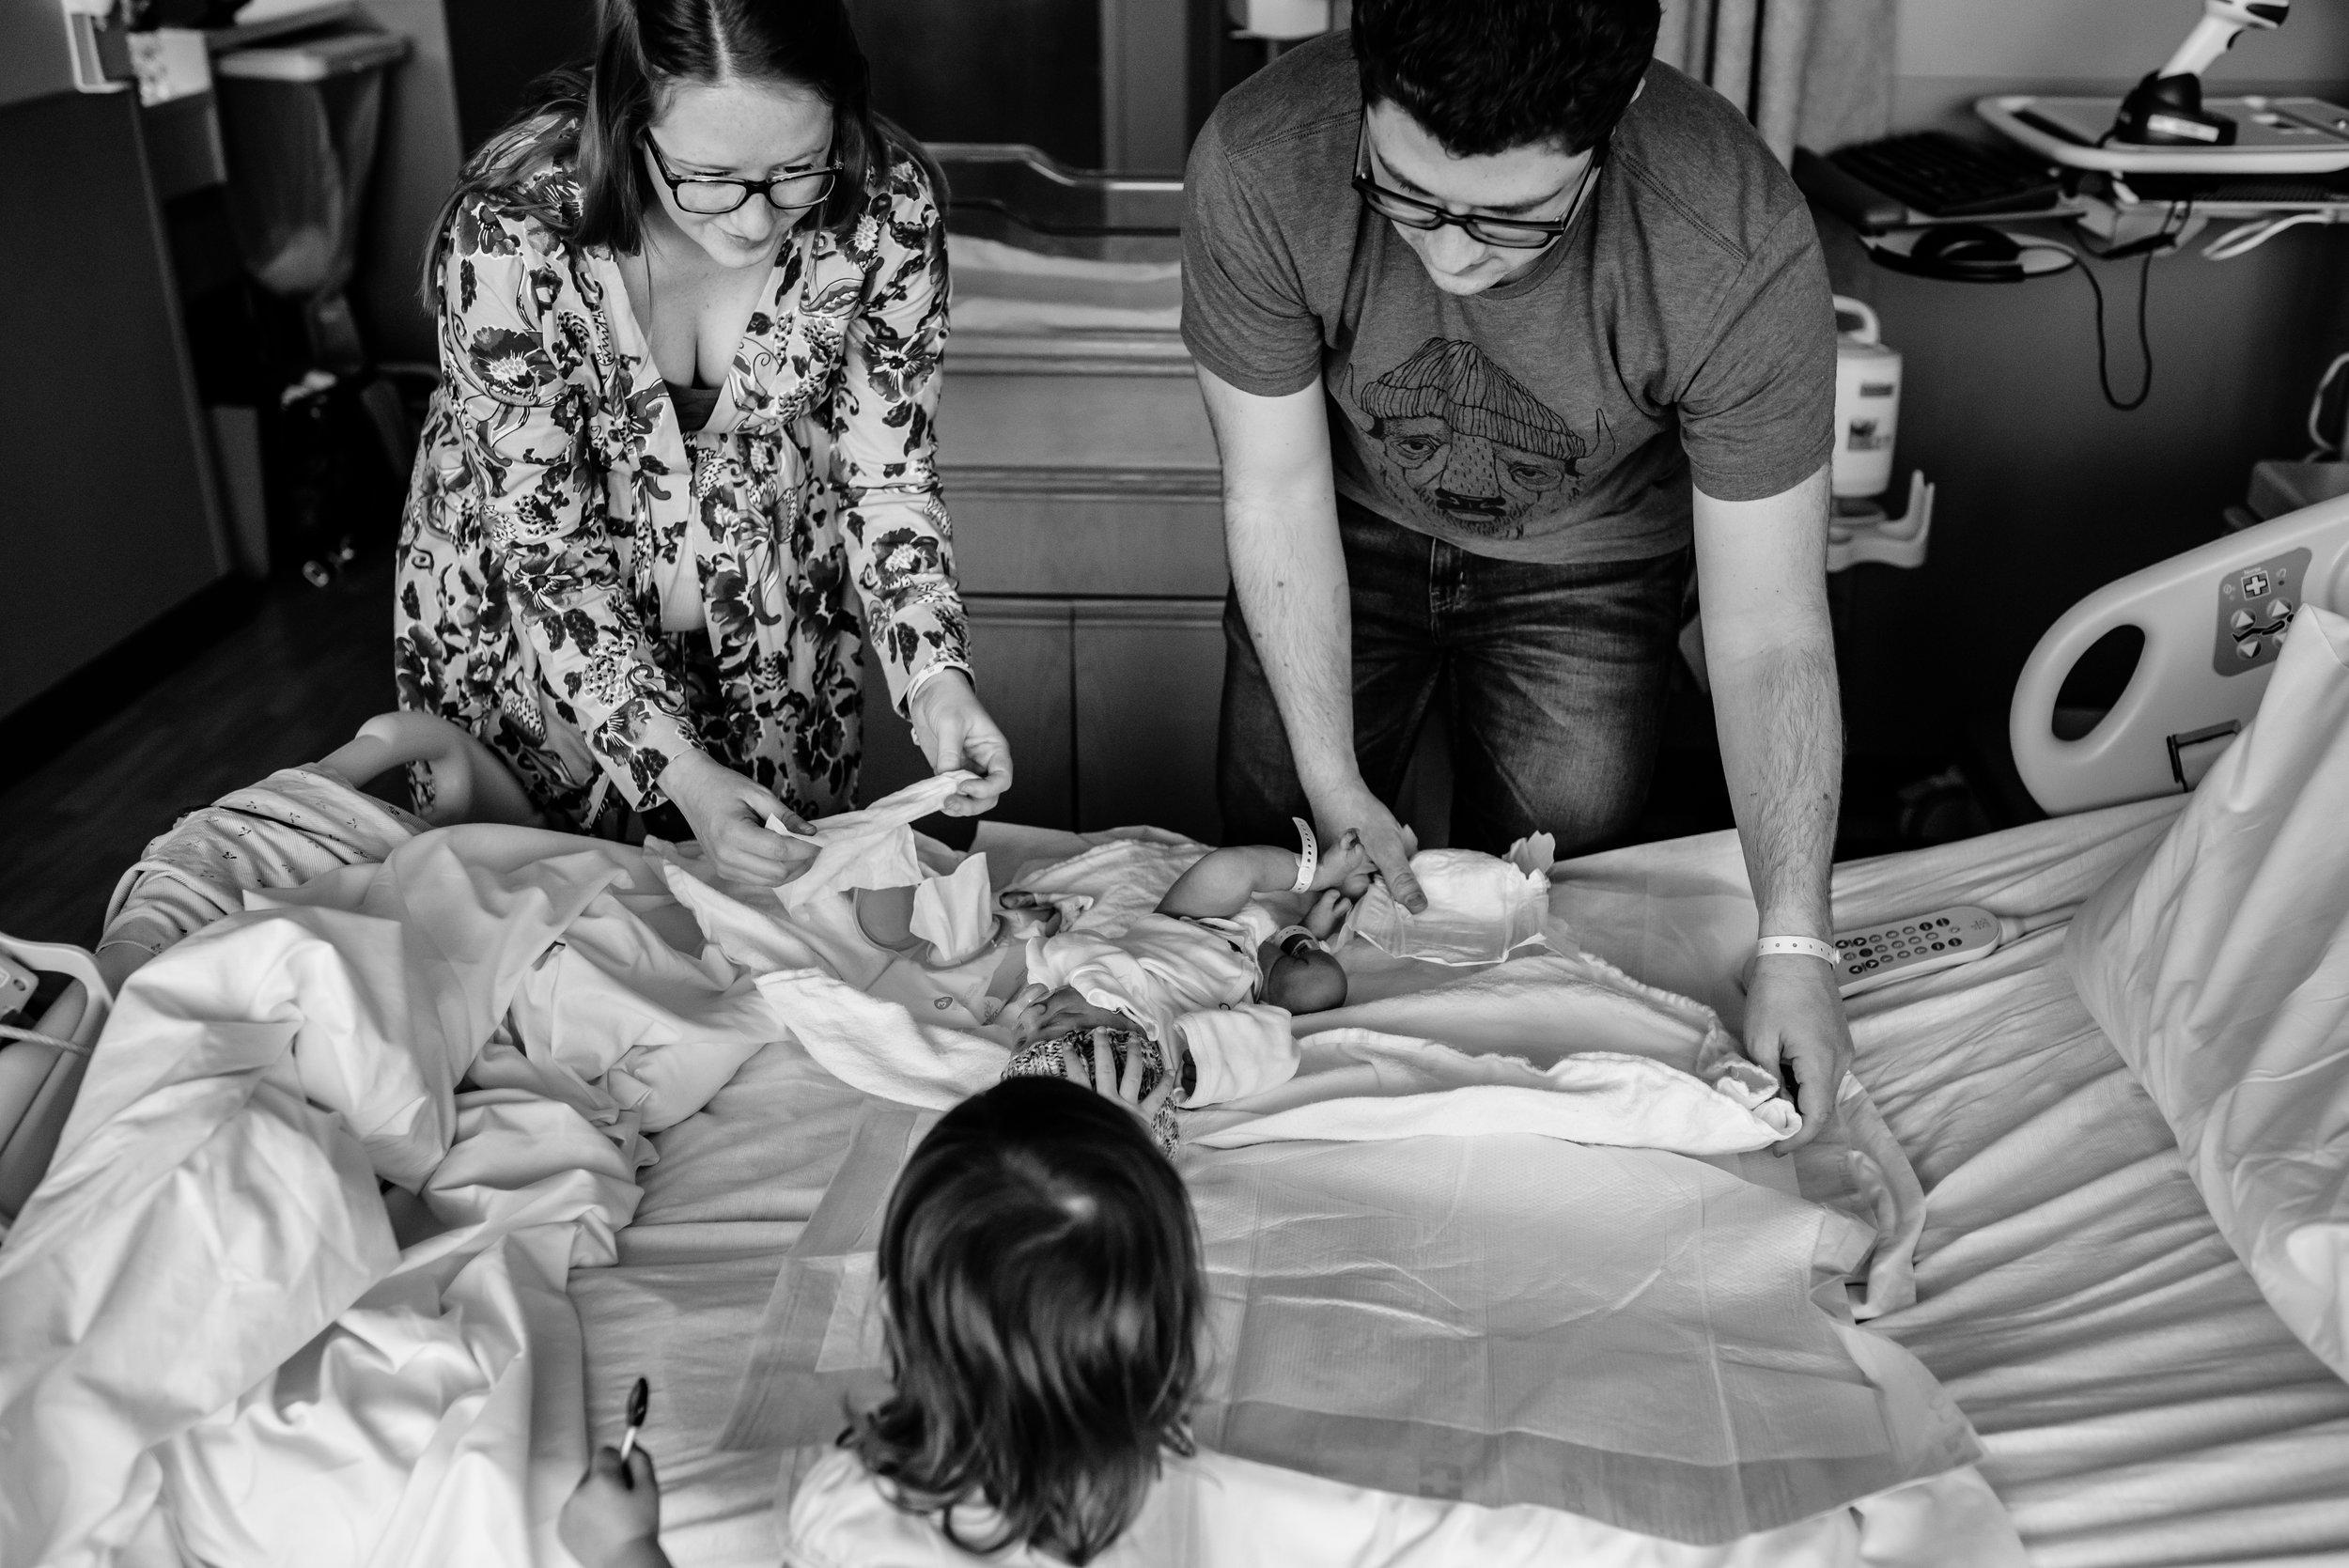 Girl helps parents change newborn brother's diaper